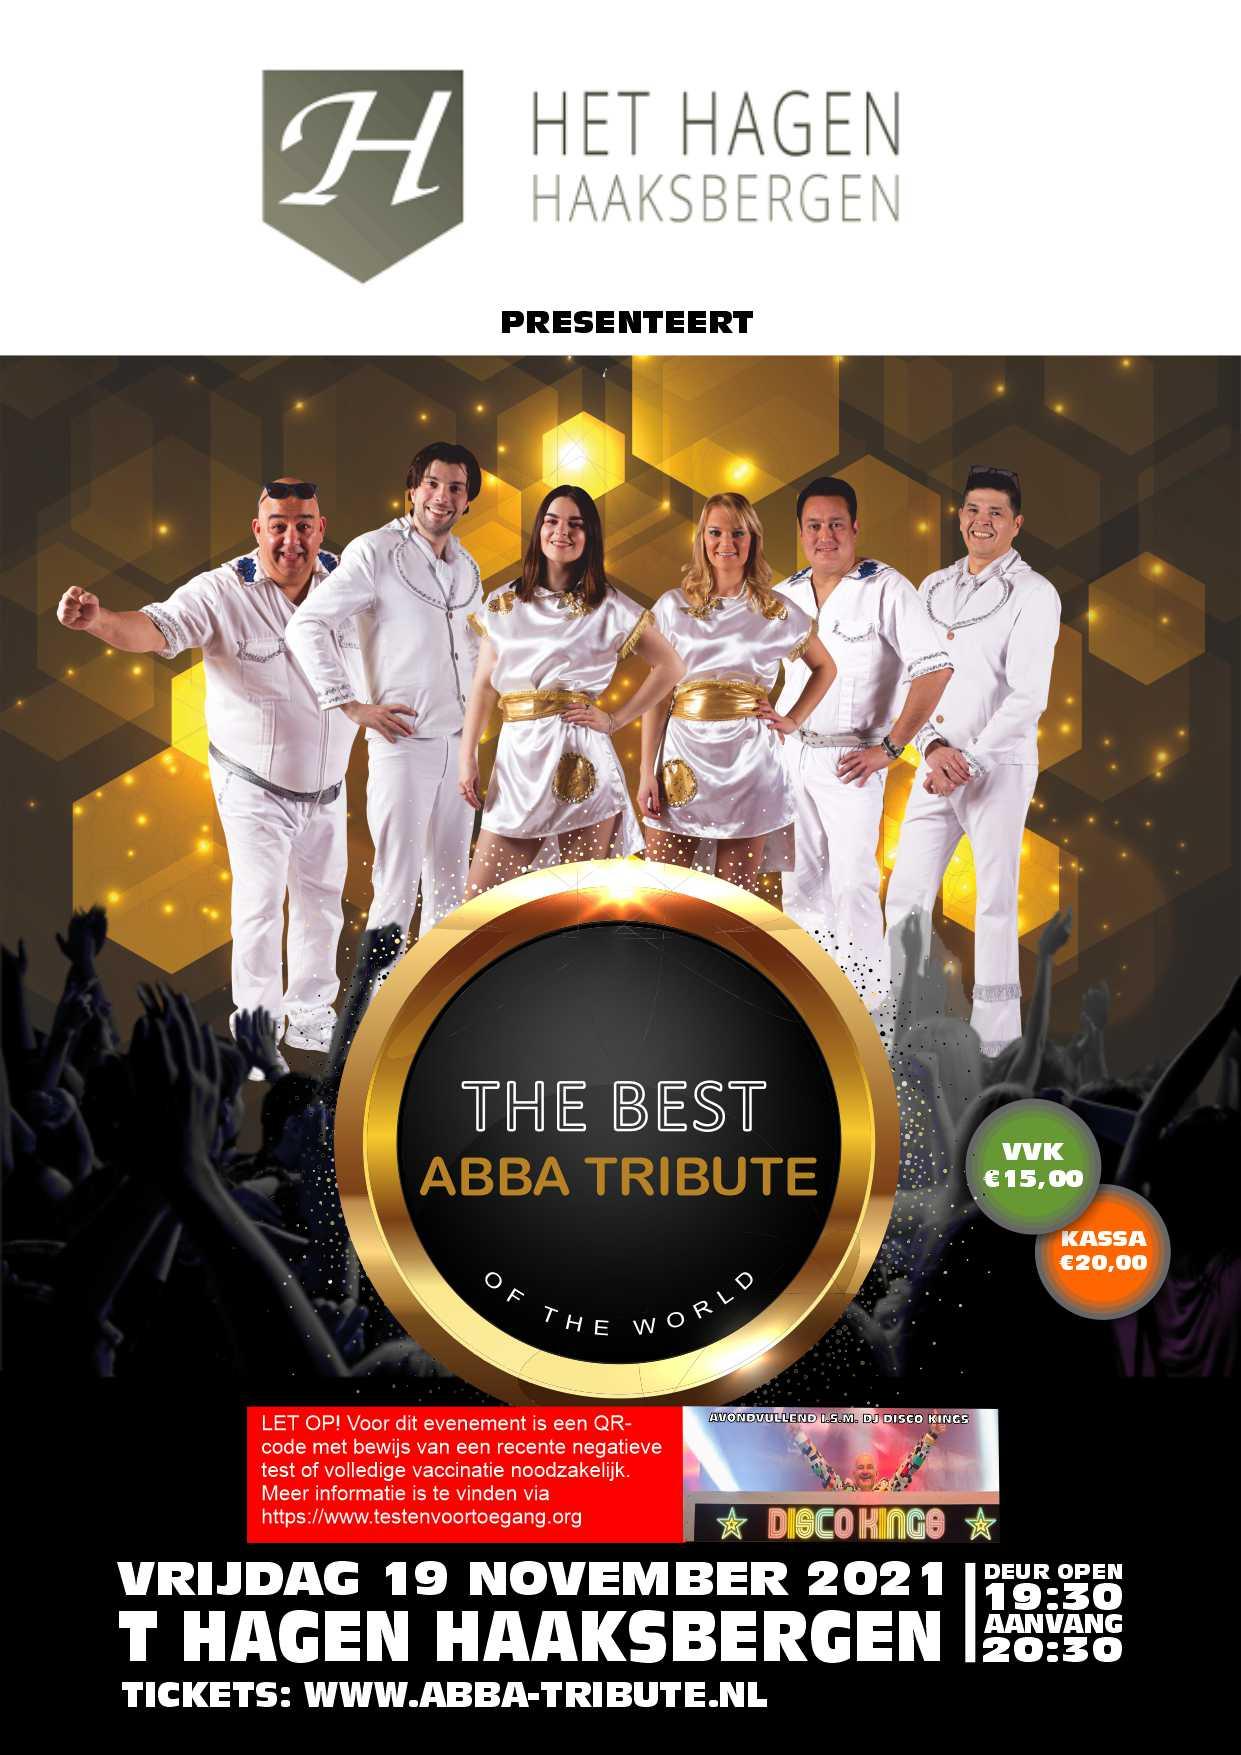 ABBA Tribute 't Hagen Haaksbergen 2021